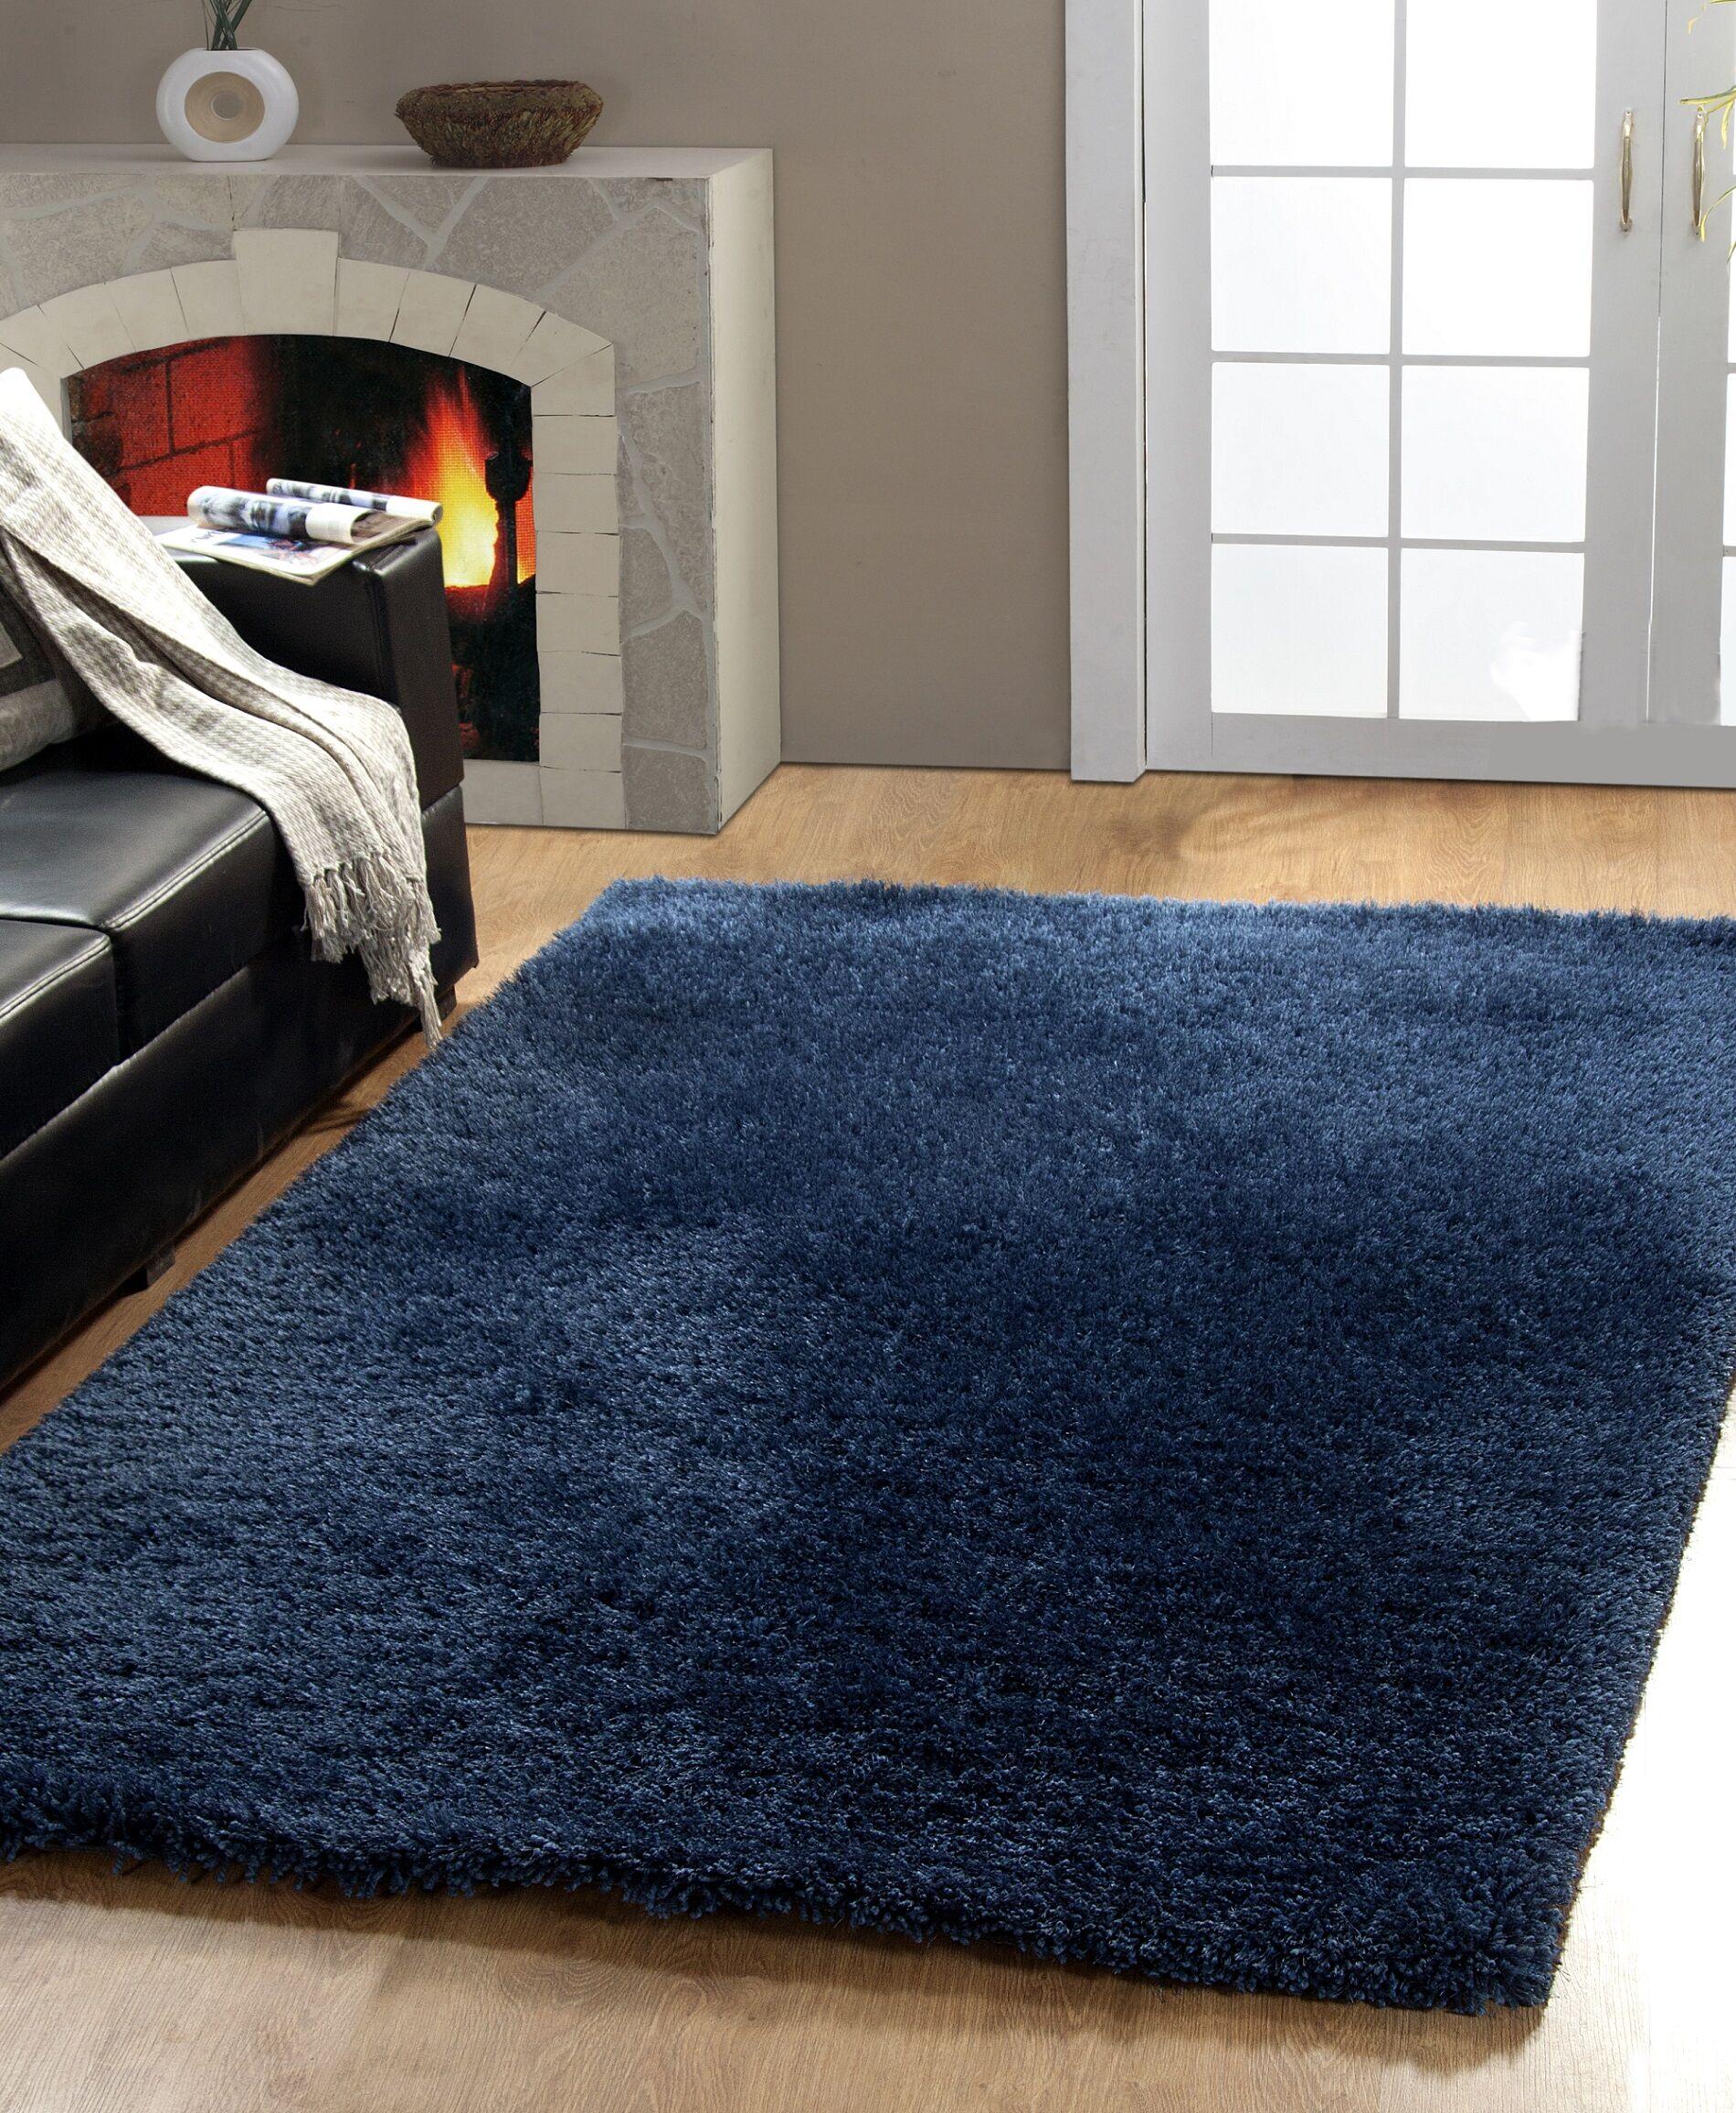 Precious Denim Area Rug Rug Size: Rectangle 5' x 8'